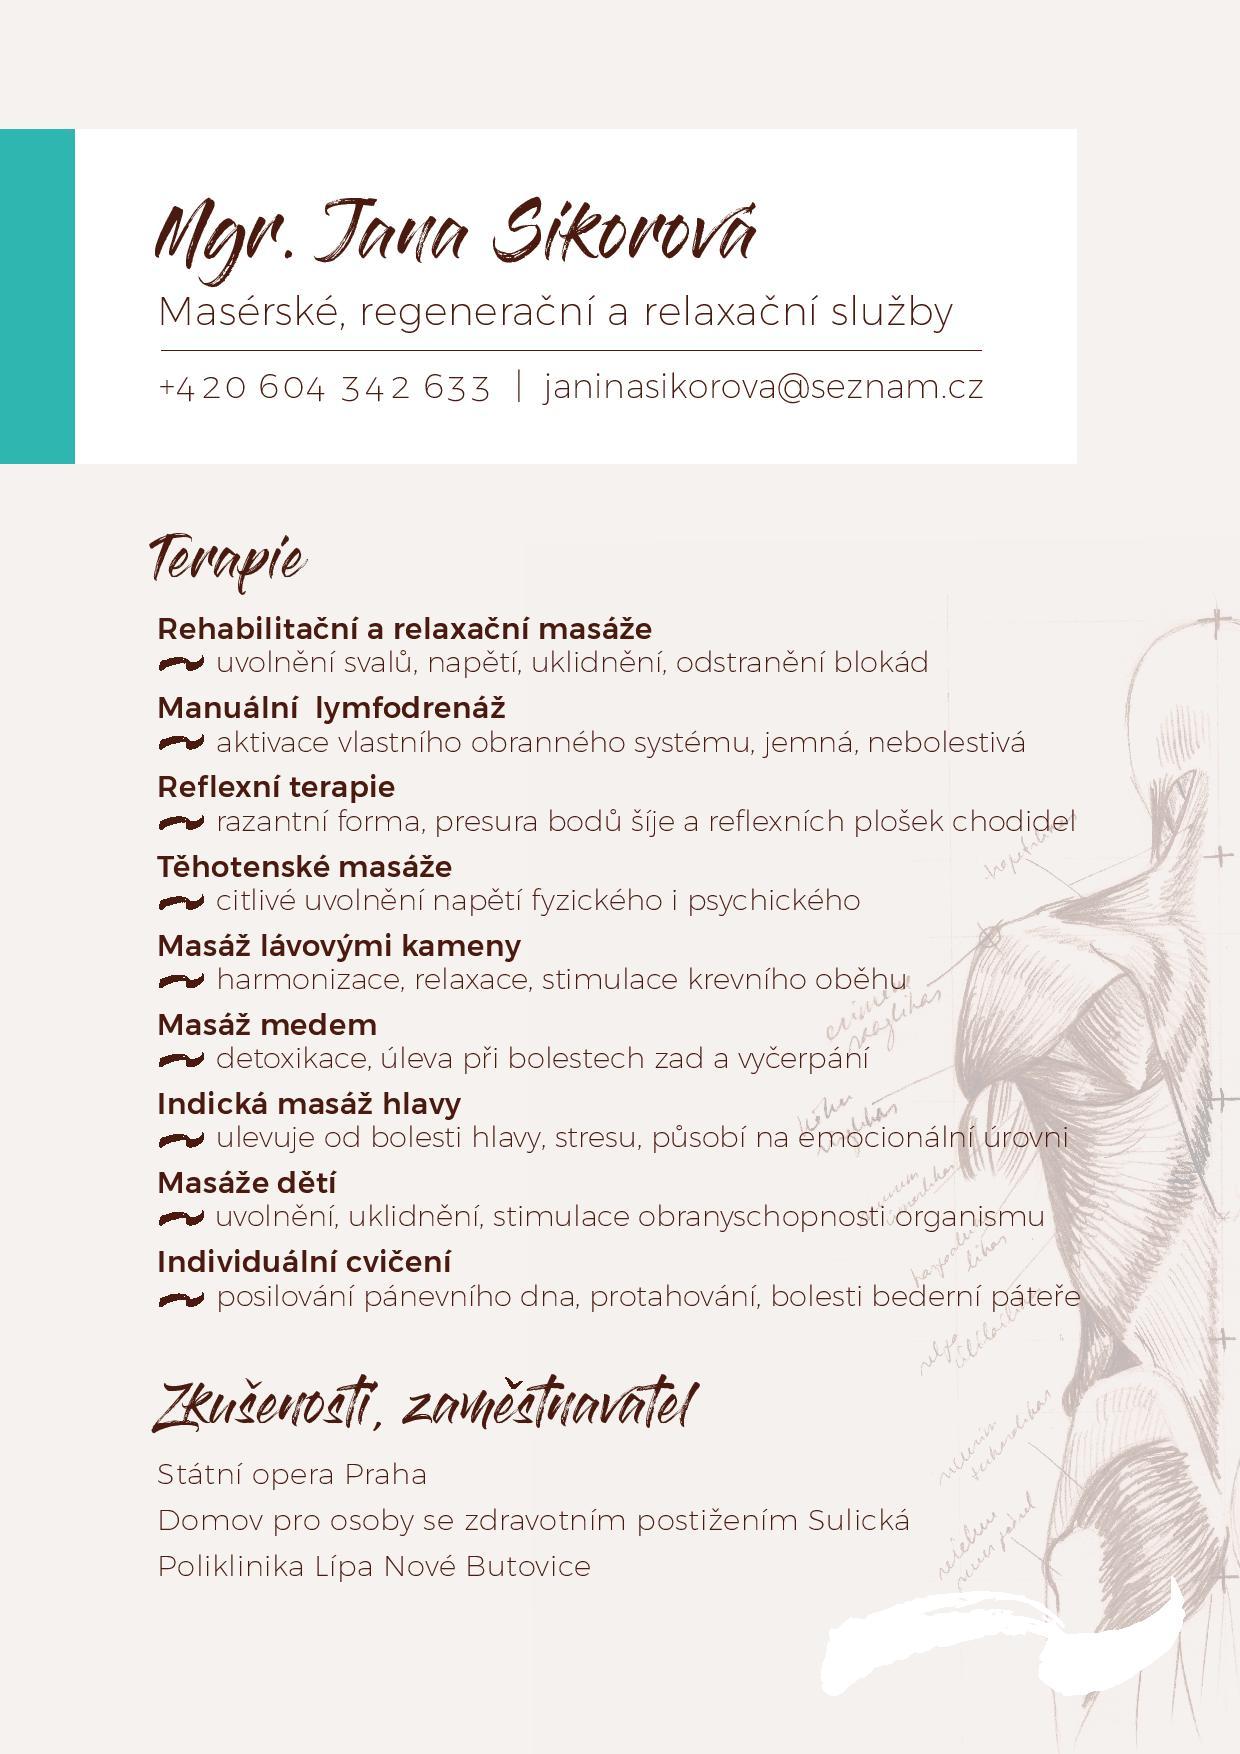 Nabídka masérské, regenerační a relaxační služby